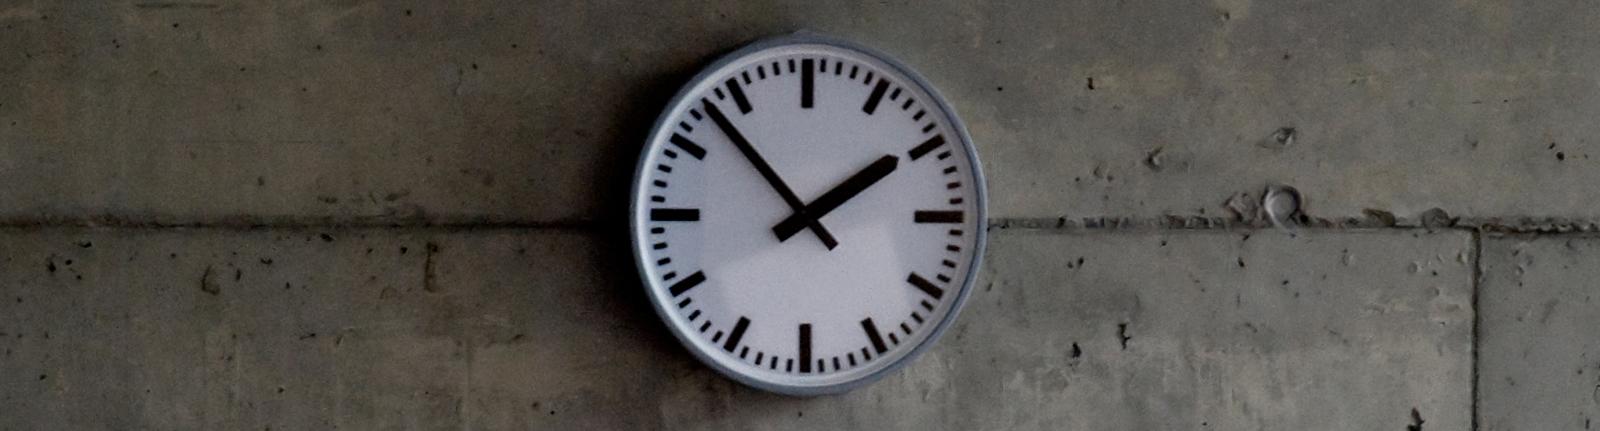 Die Zeitumstelung bringt nichts. Und trotzdem ändern wir das nicht.